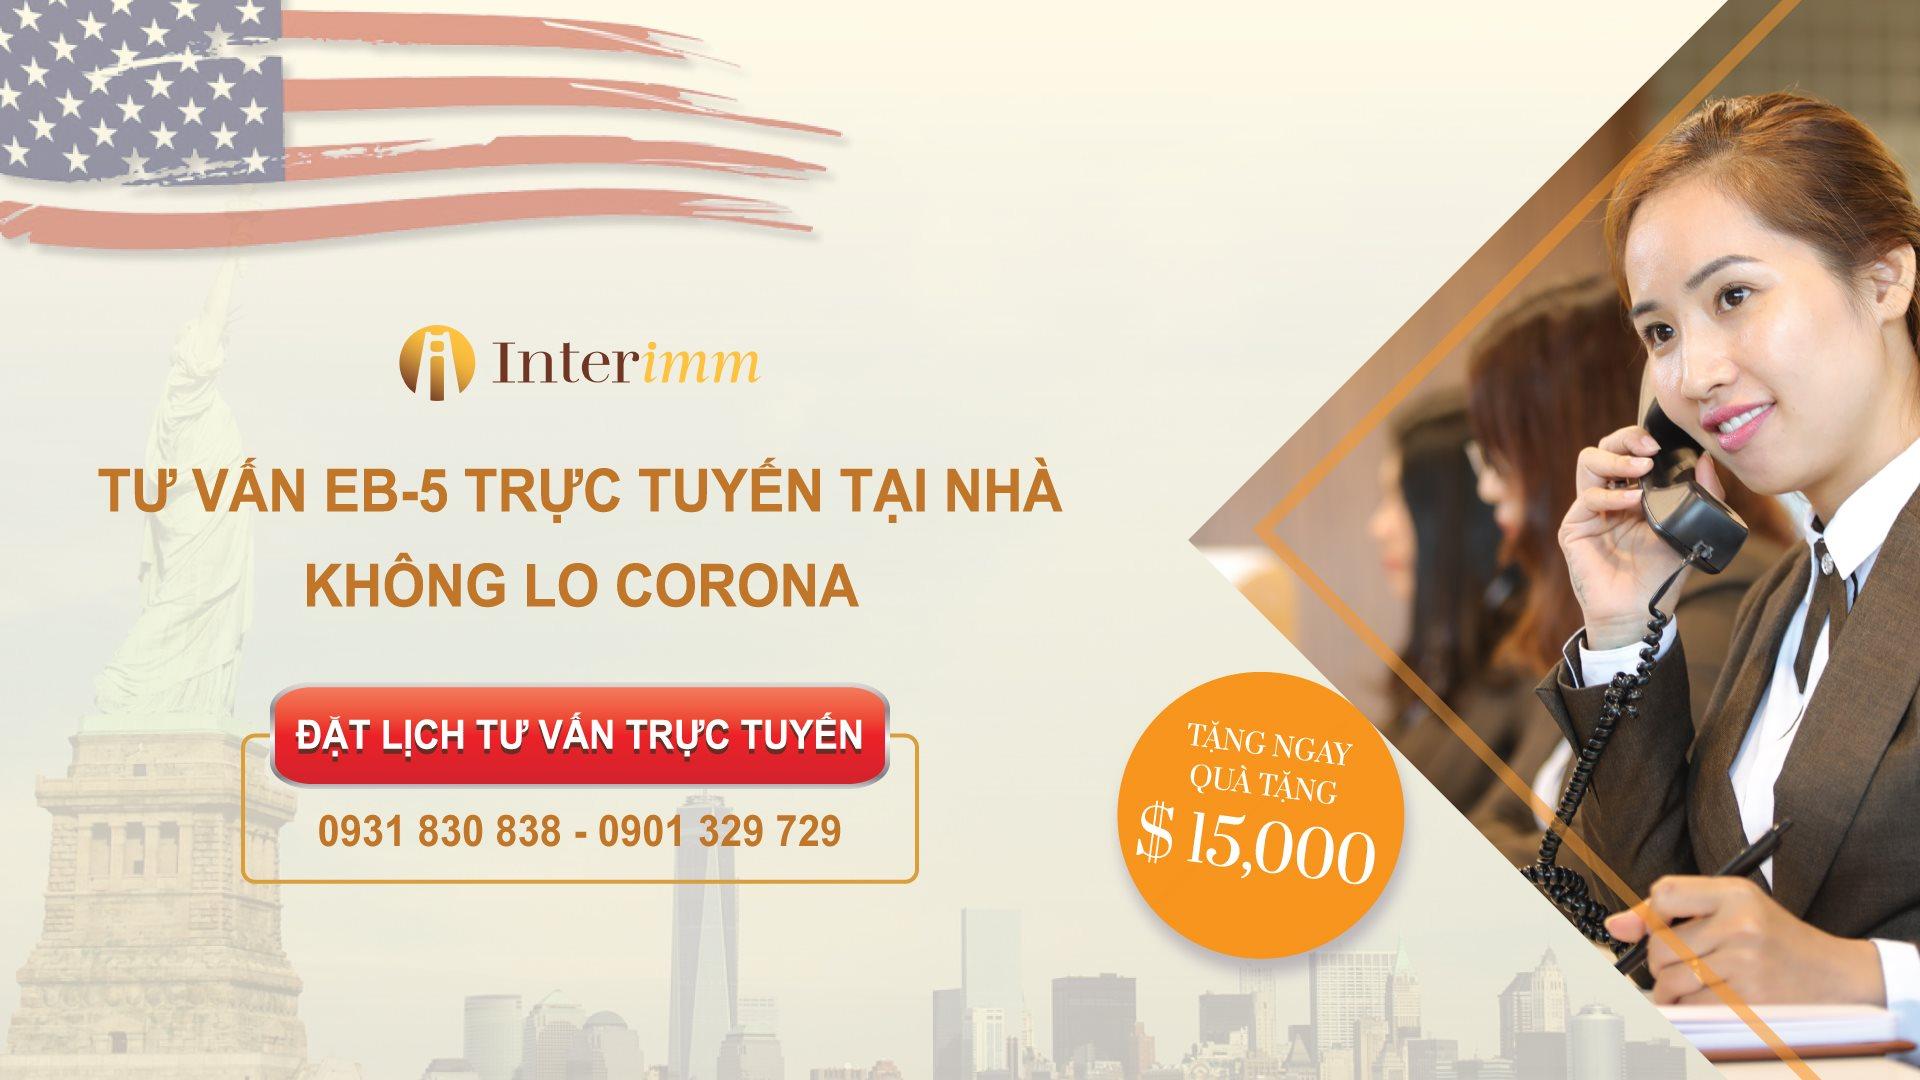 tu-van-truc-tuyen-eb5-interimm